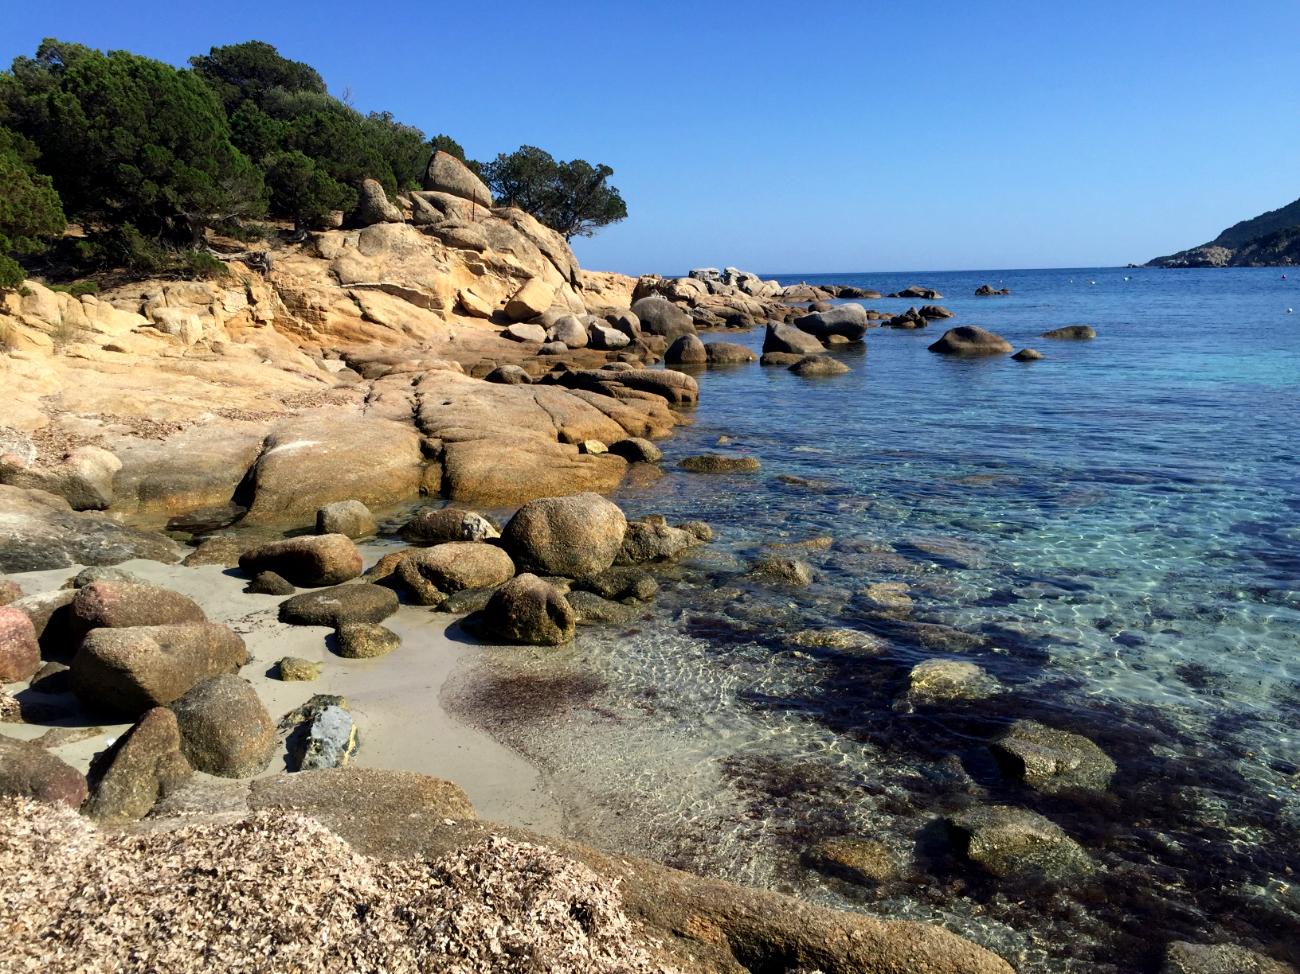 Cala_Pira_spiaggia_1